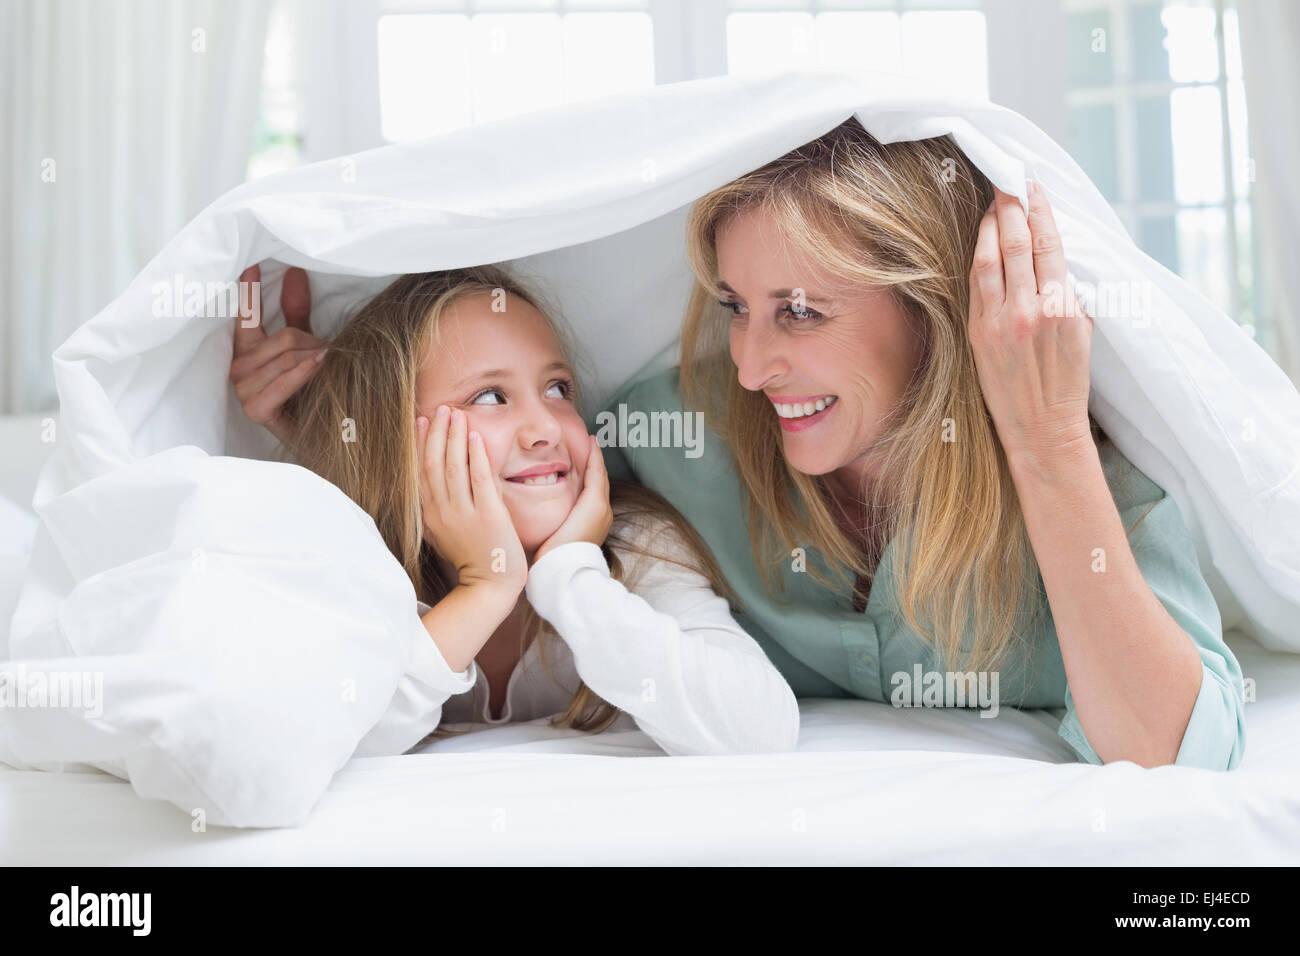 Mutter und Tochter sahen einander unter der Bettdecke Stockbild